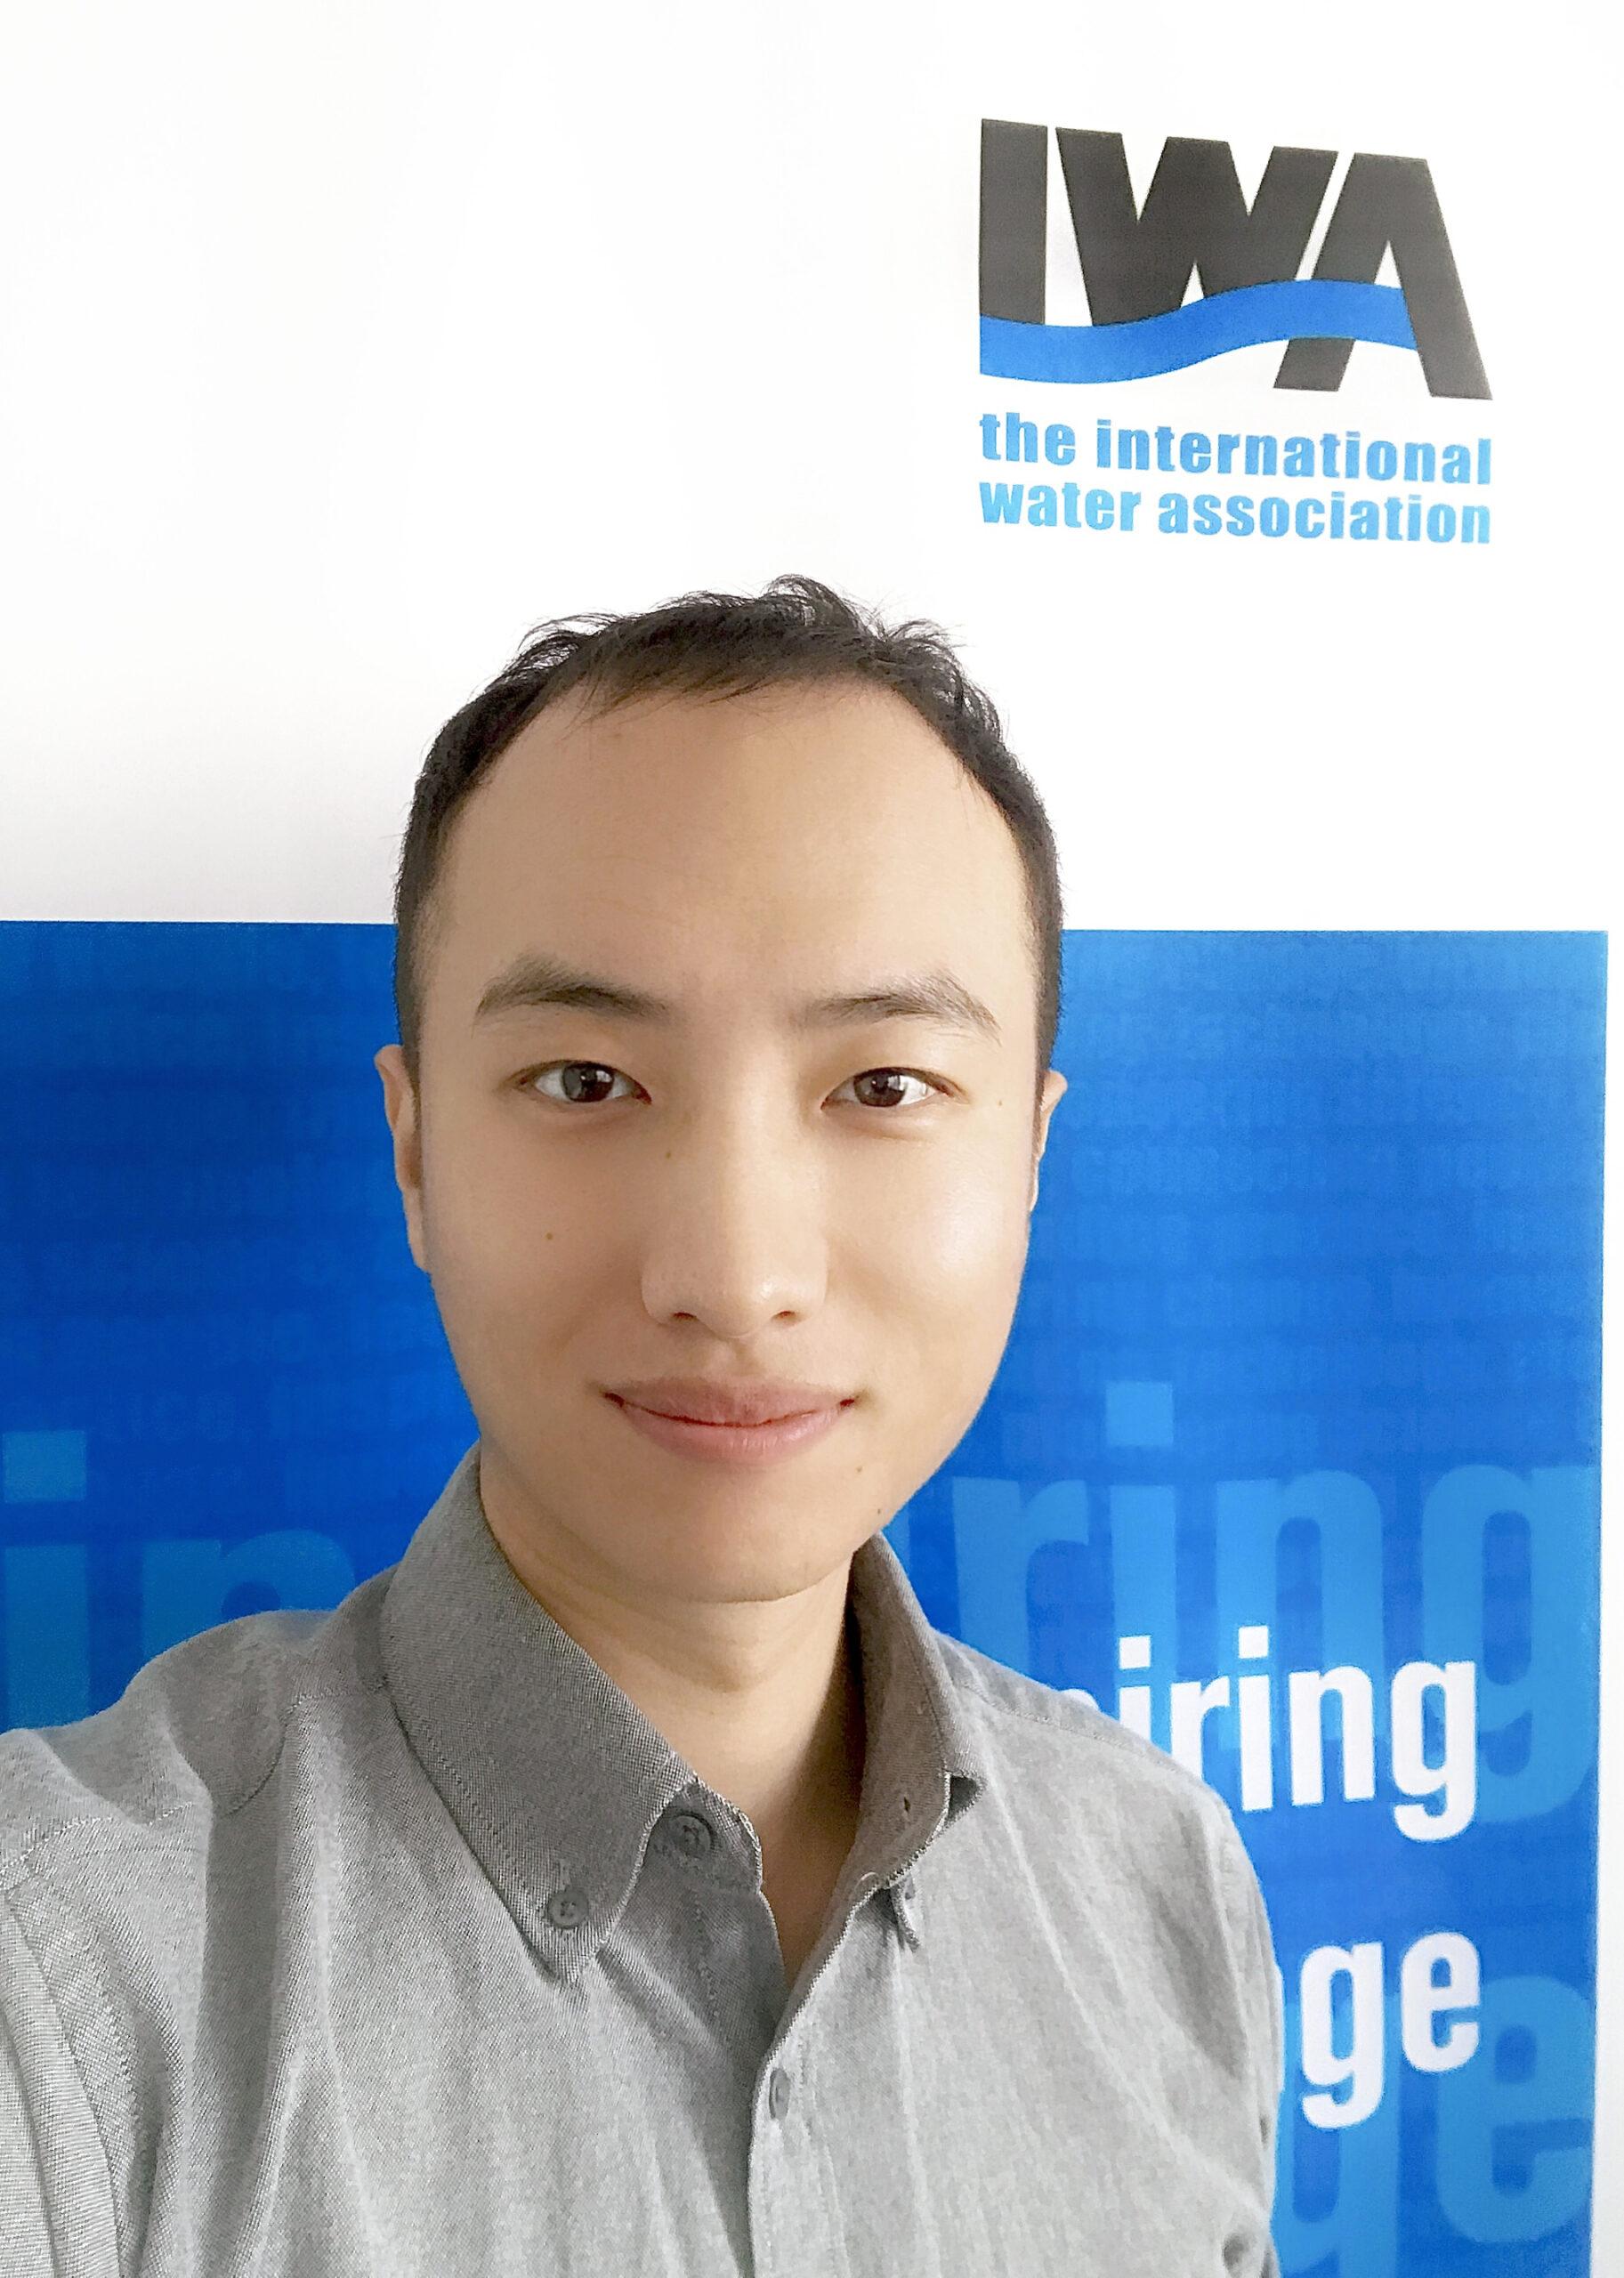 Chenhao (William) Xie